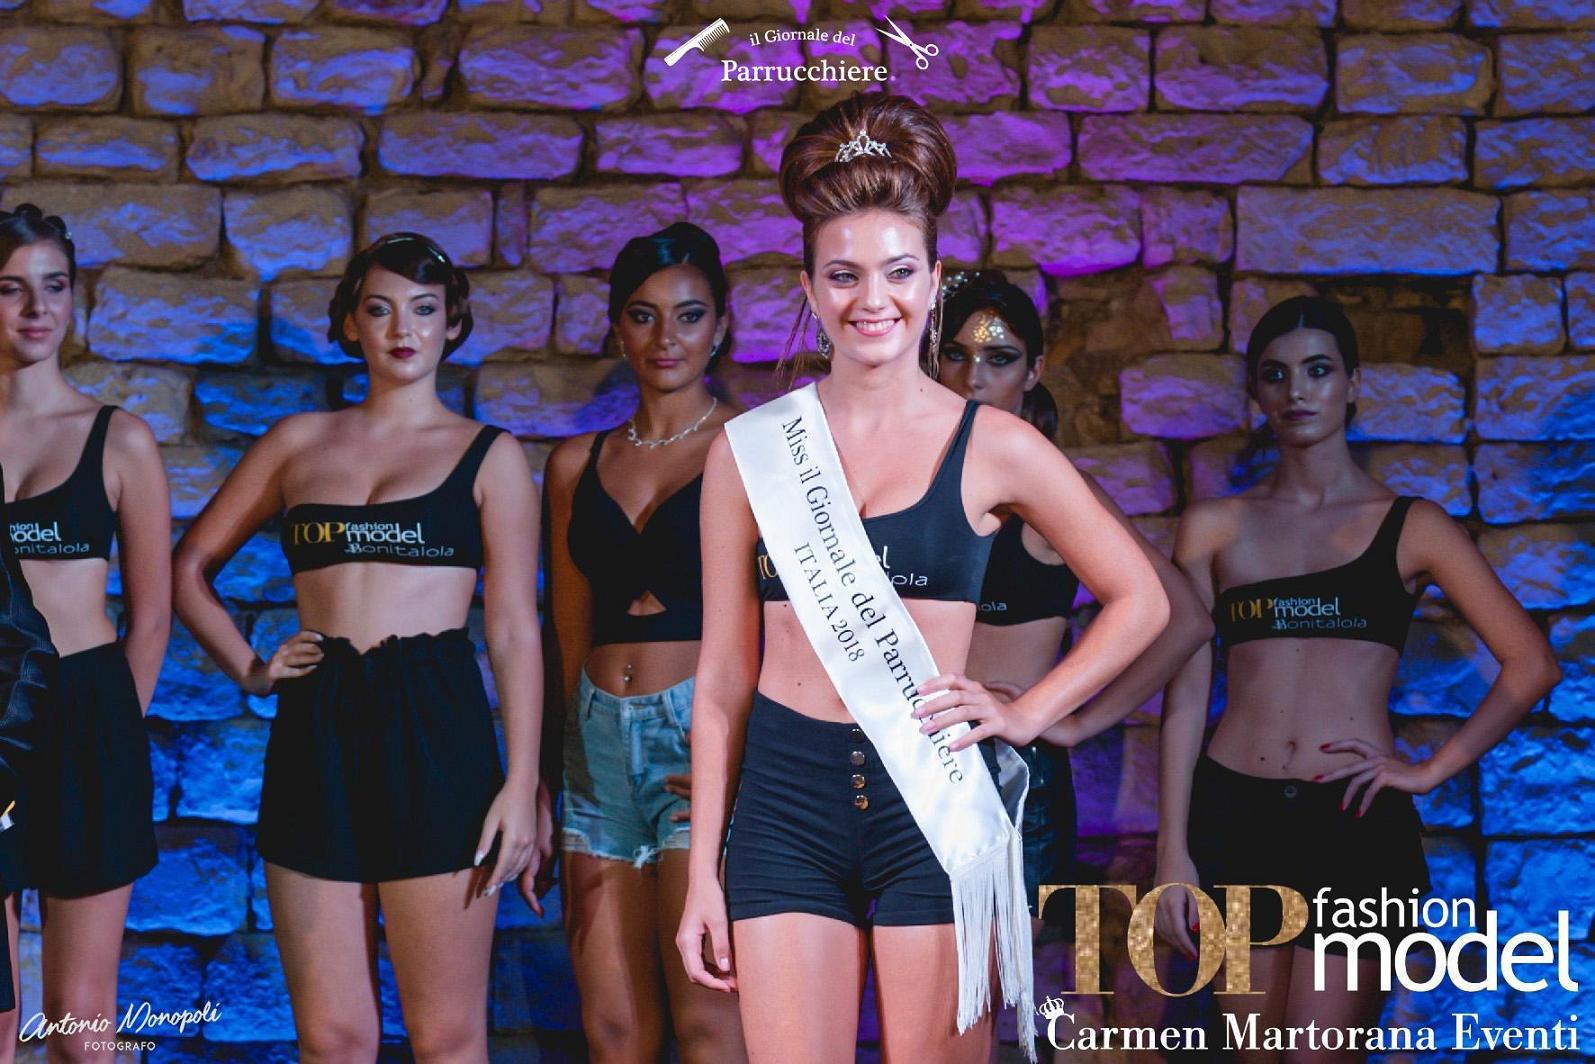 Lucia Lucy Bello, Miss il Giornale del Parrucchiere, Gioele de Liso, Miss Italia 2018, Mola di Bari, Giovinazzo